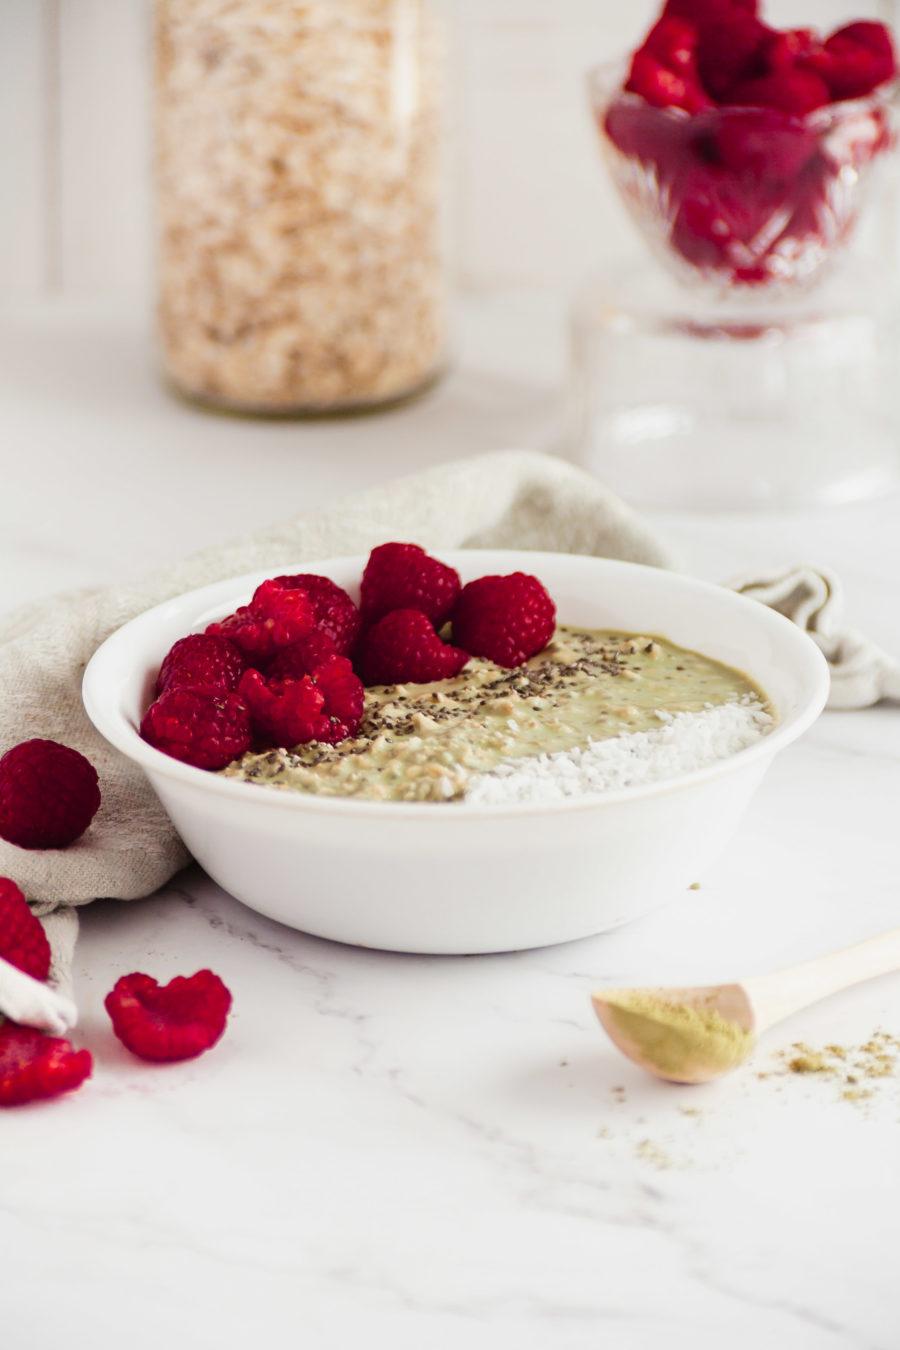 bowl of Matcha Overnight Oats